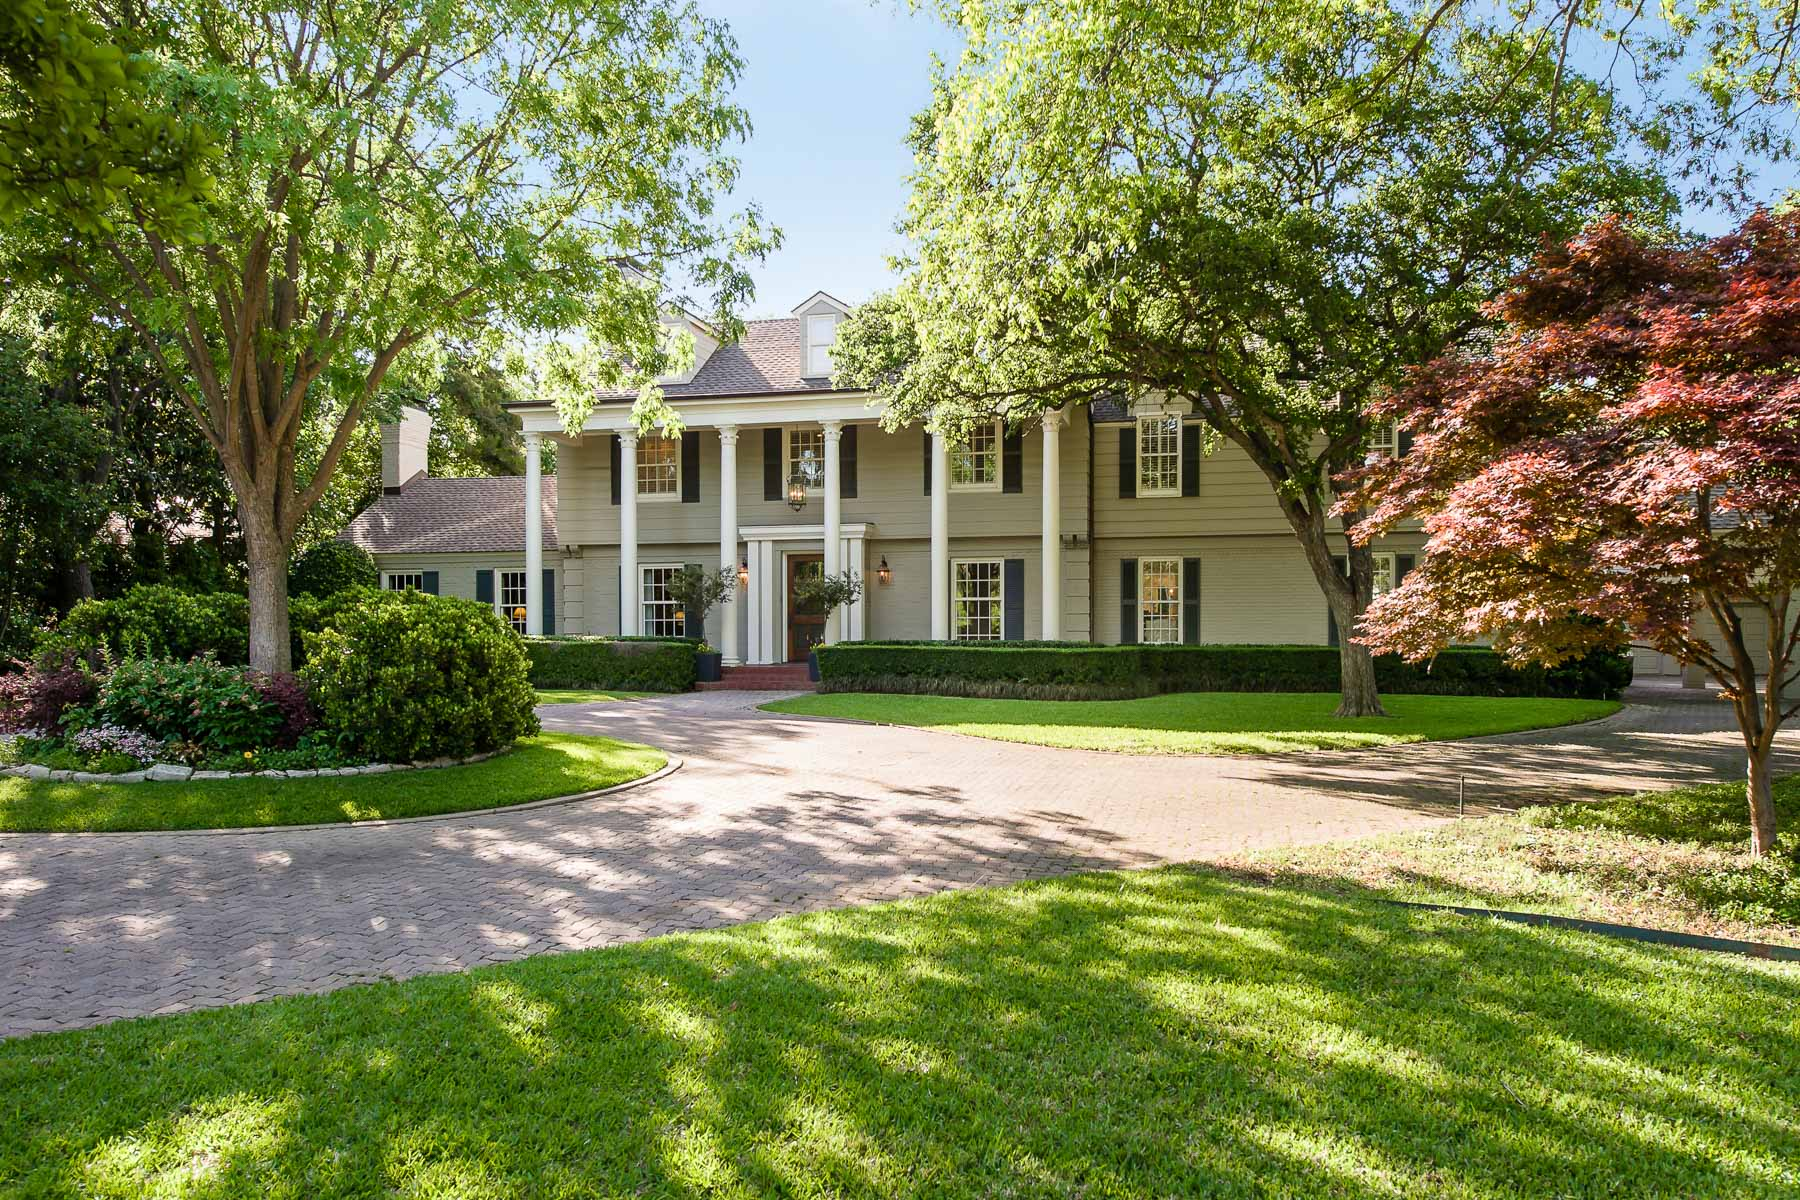 단독 가정 주택 용 매매 에 Classic Elegance in Sunnybrook Estates 5022 Shadywood Lane, Dallas, 텍사스, 75209 미국